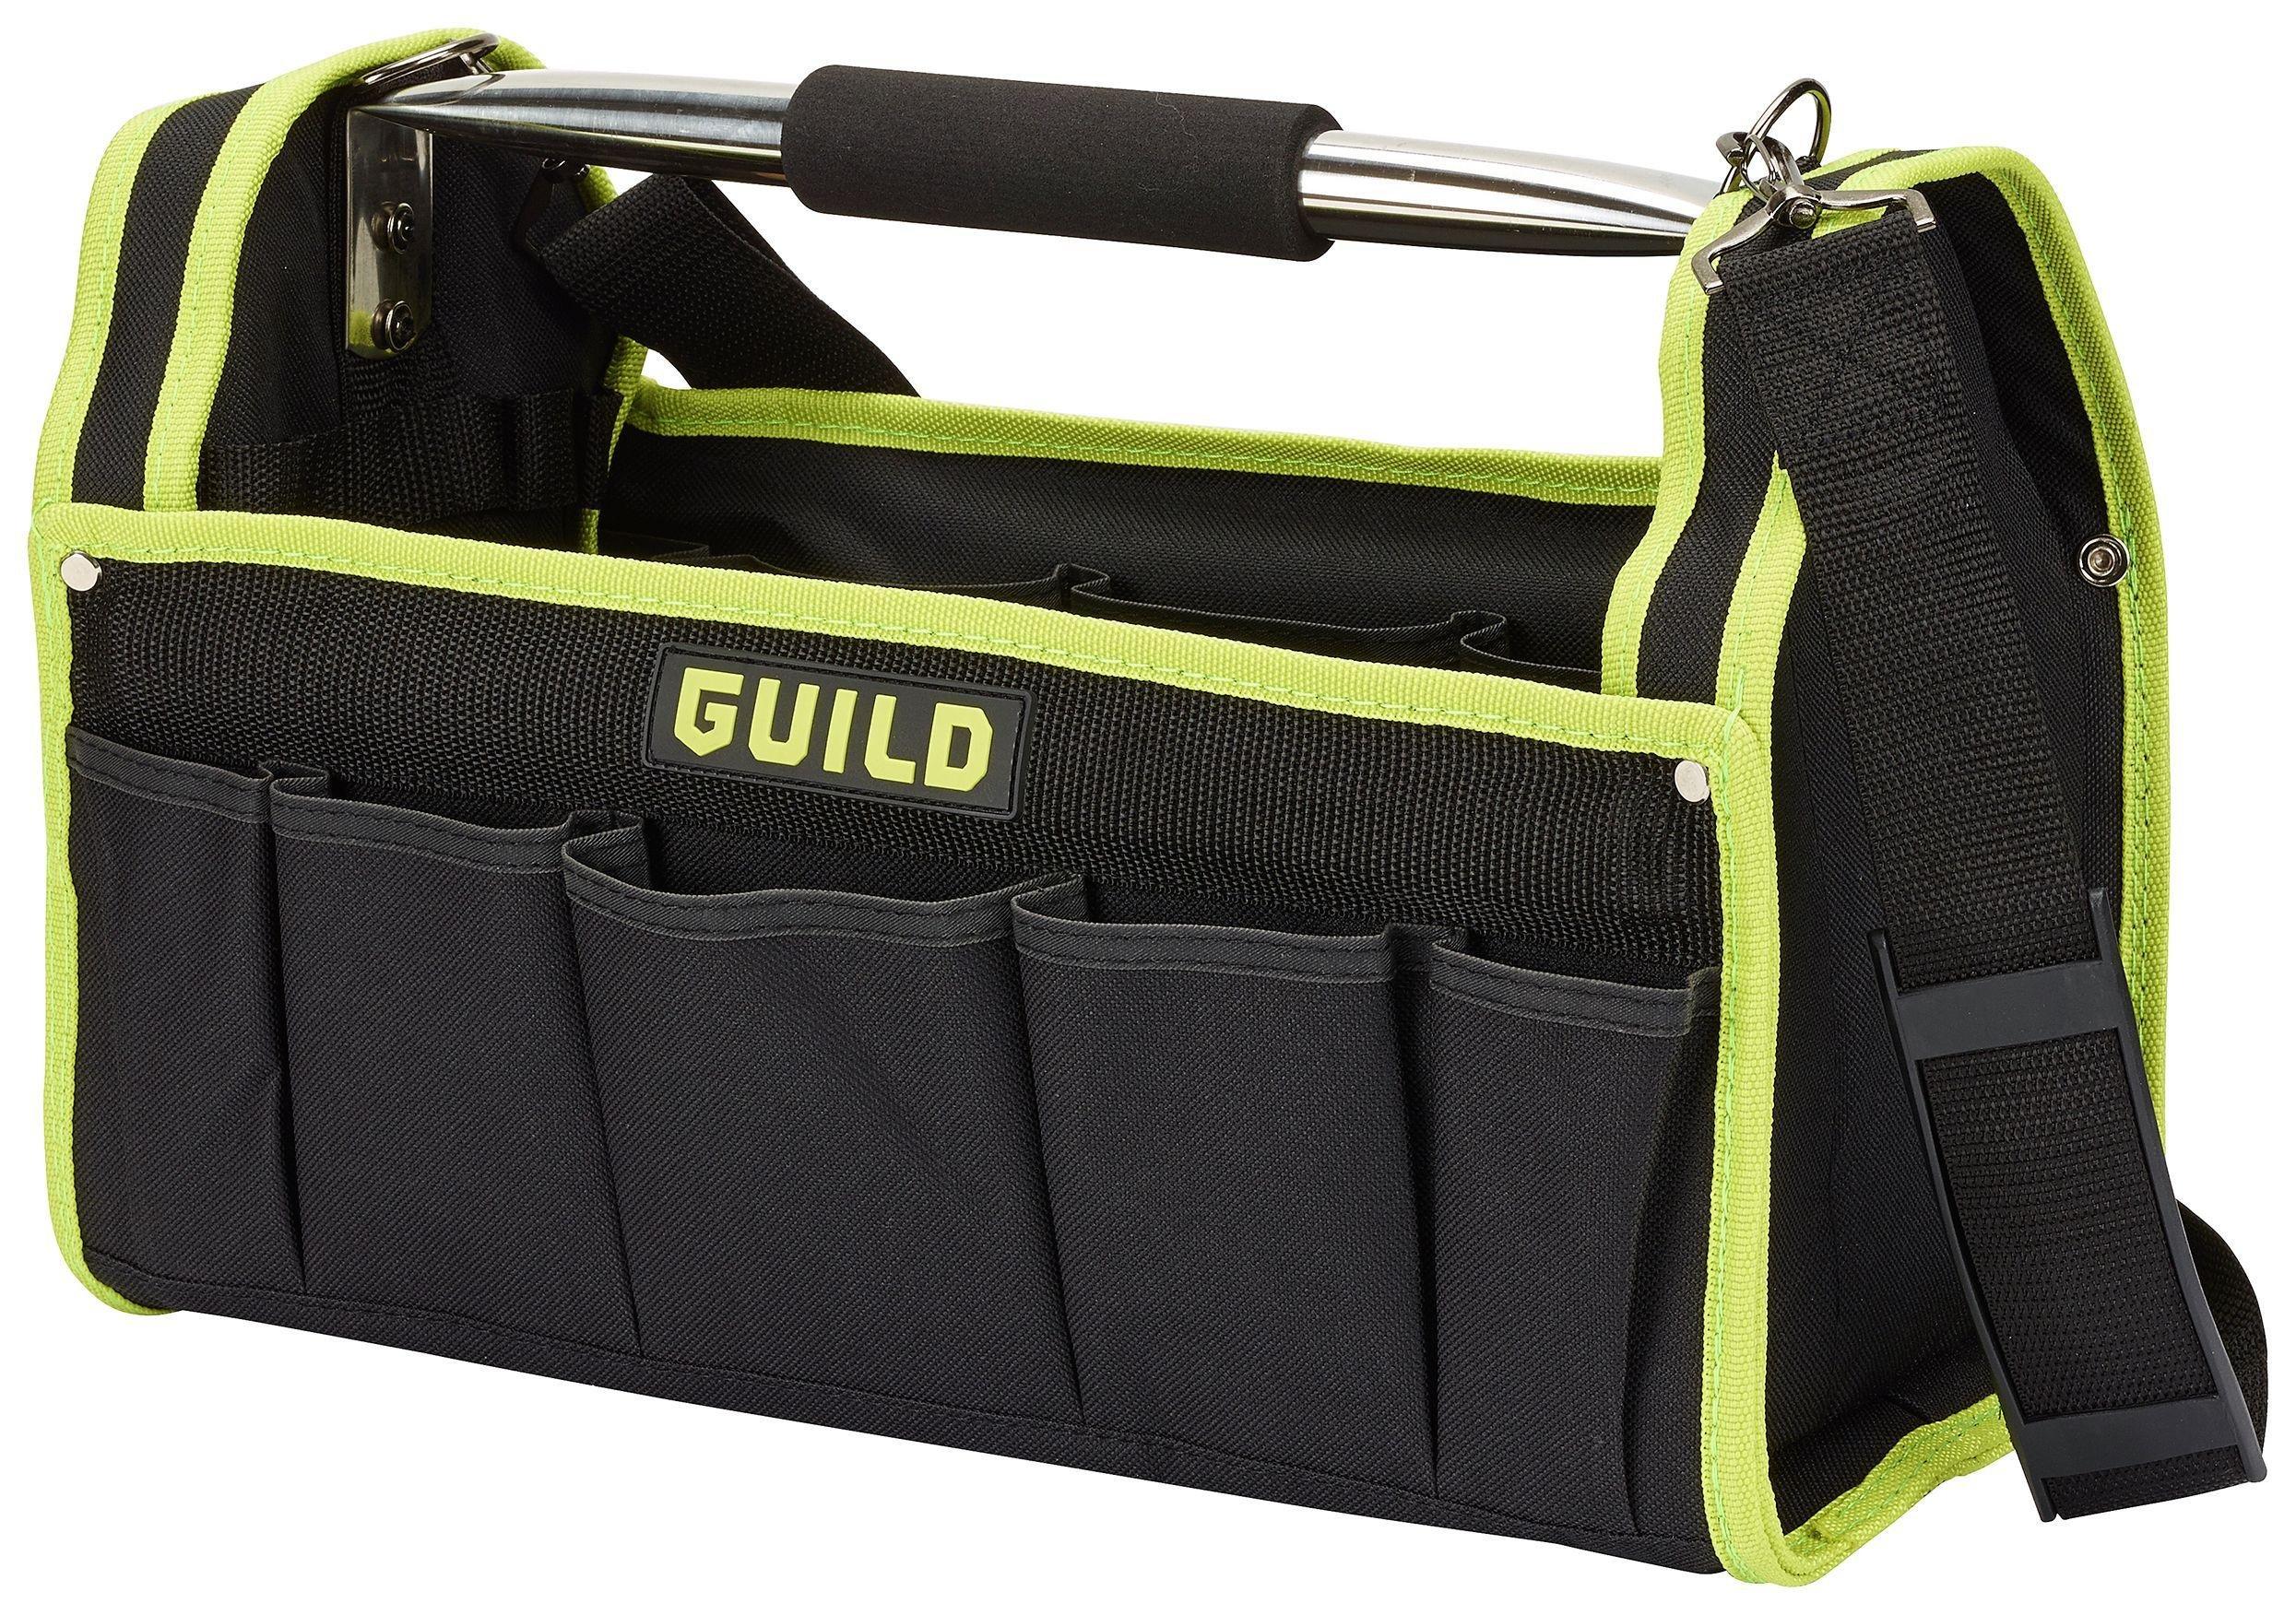 Guild - Tool Tote Bag